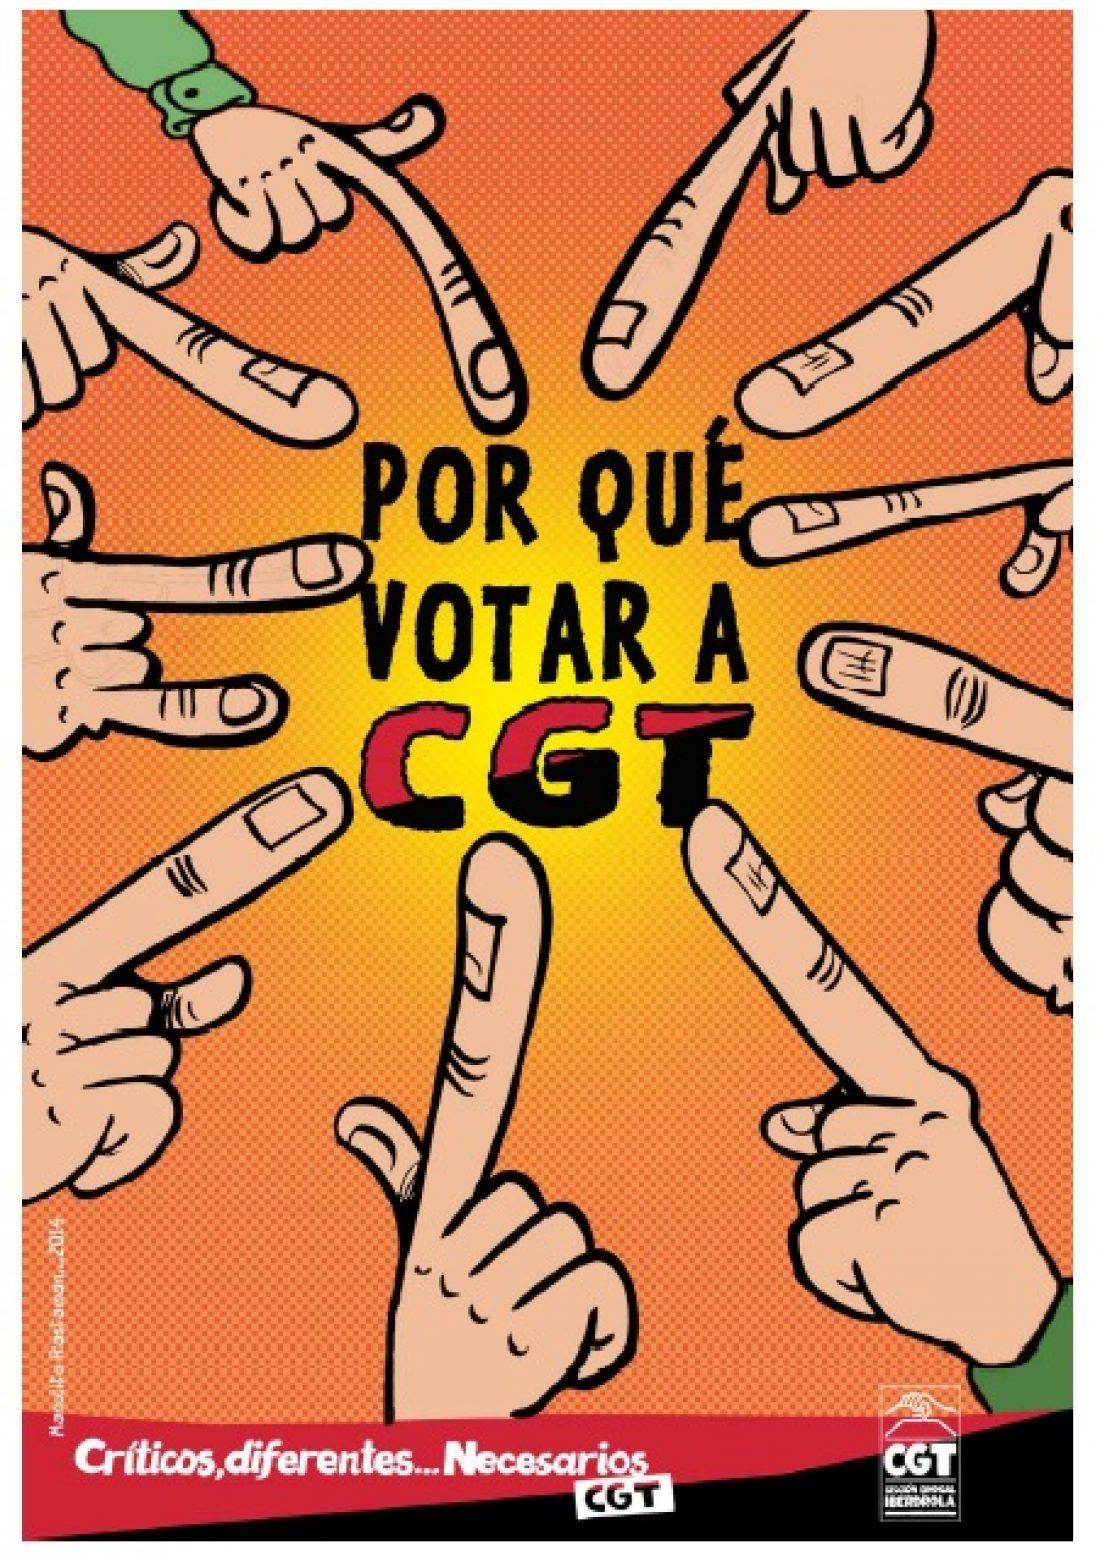 Cómic: Vota CGT (Iberdrola)